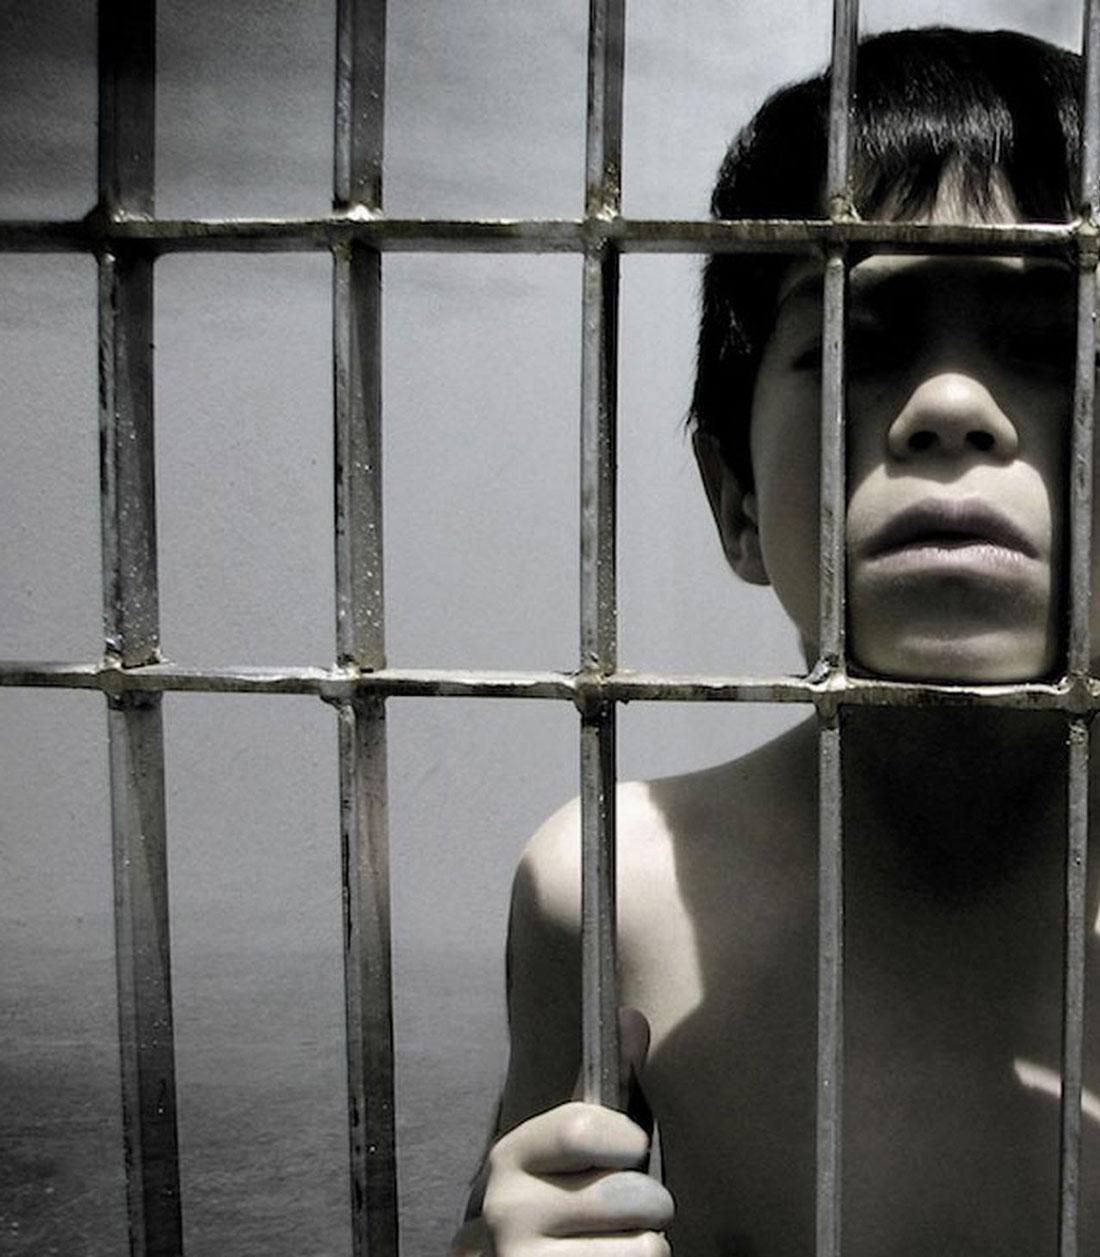 Niño en prisión